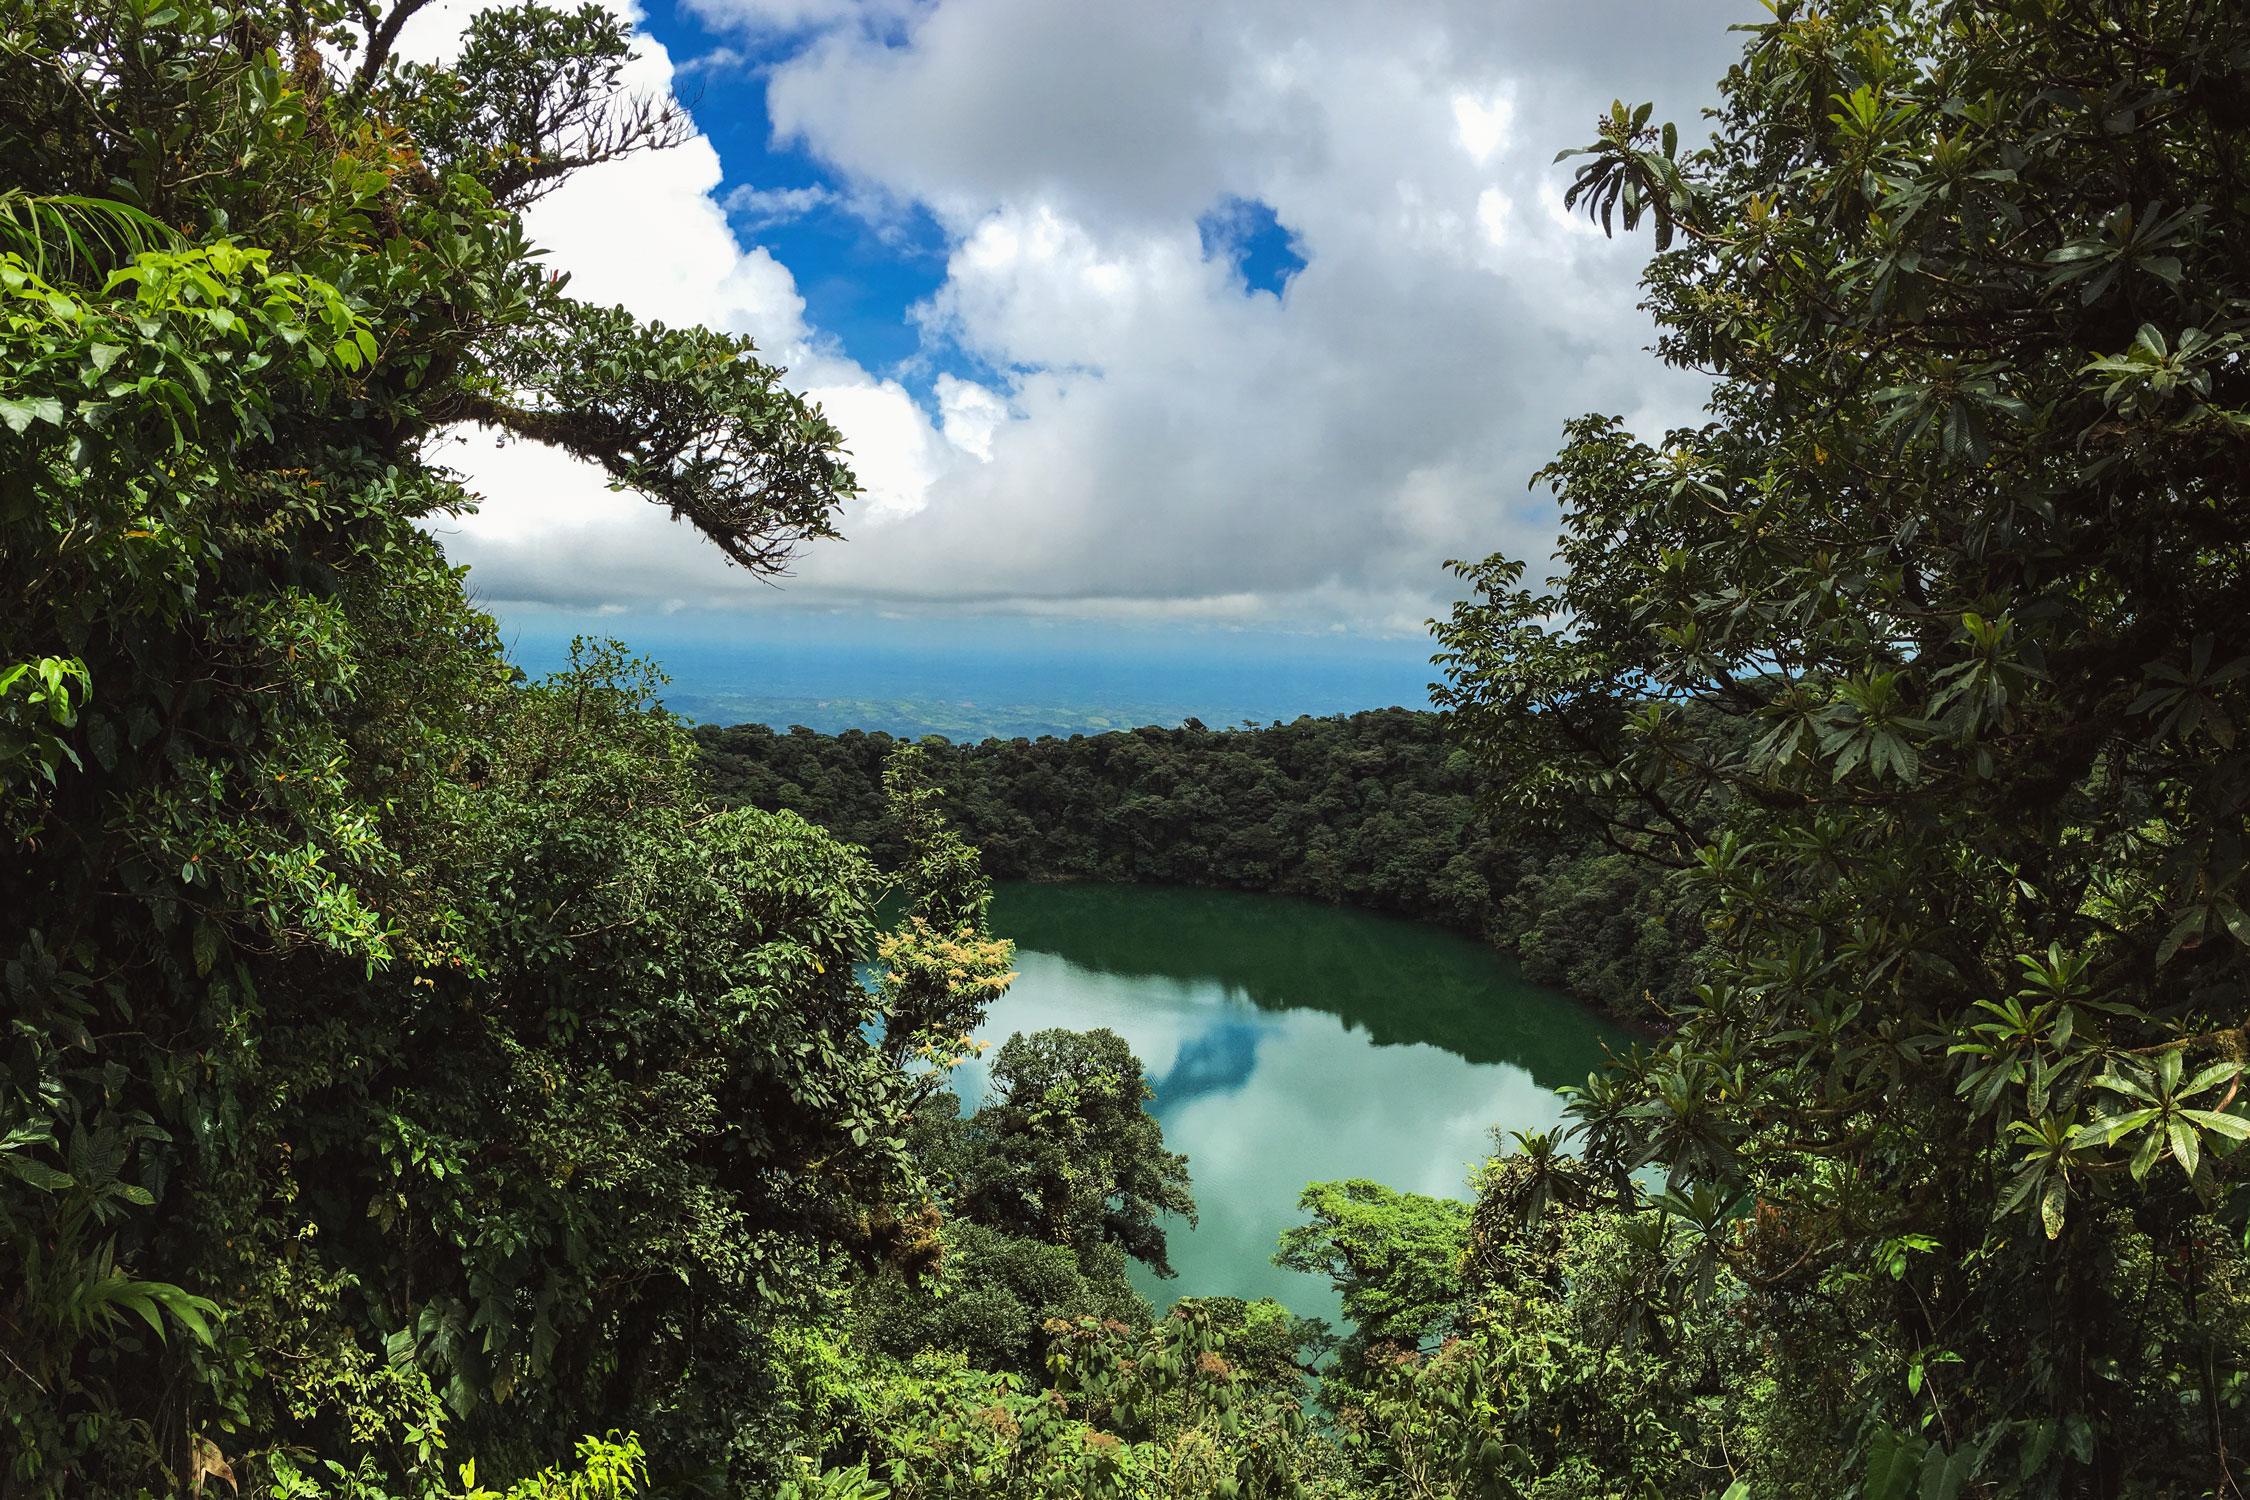 cerro-chato-costa-rica-wander-south-view.jpg